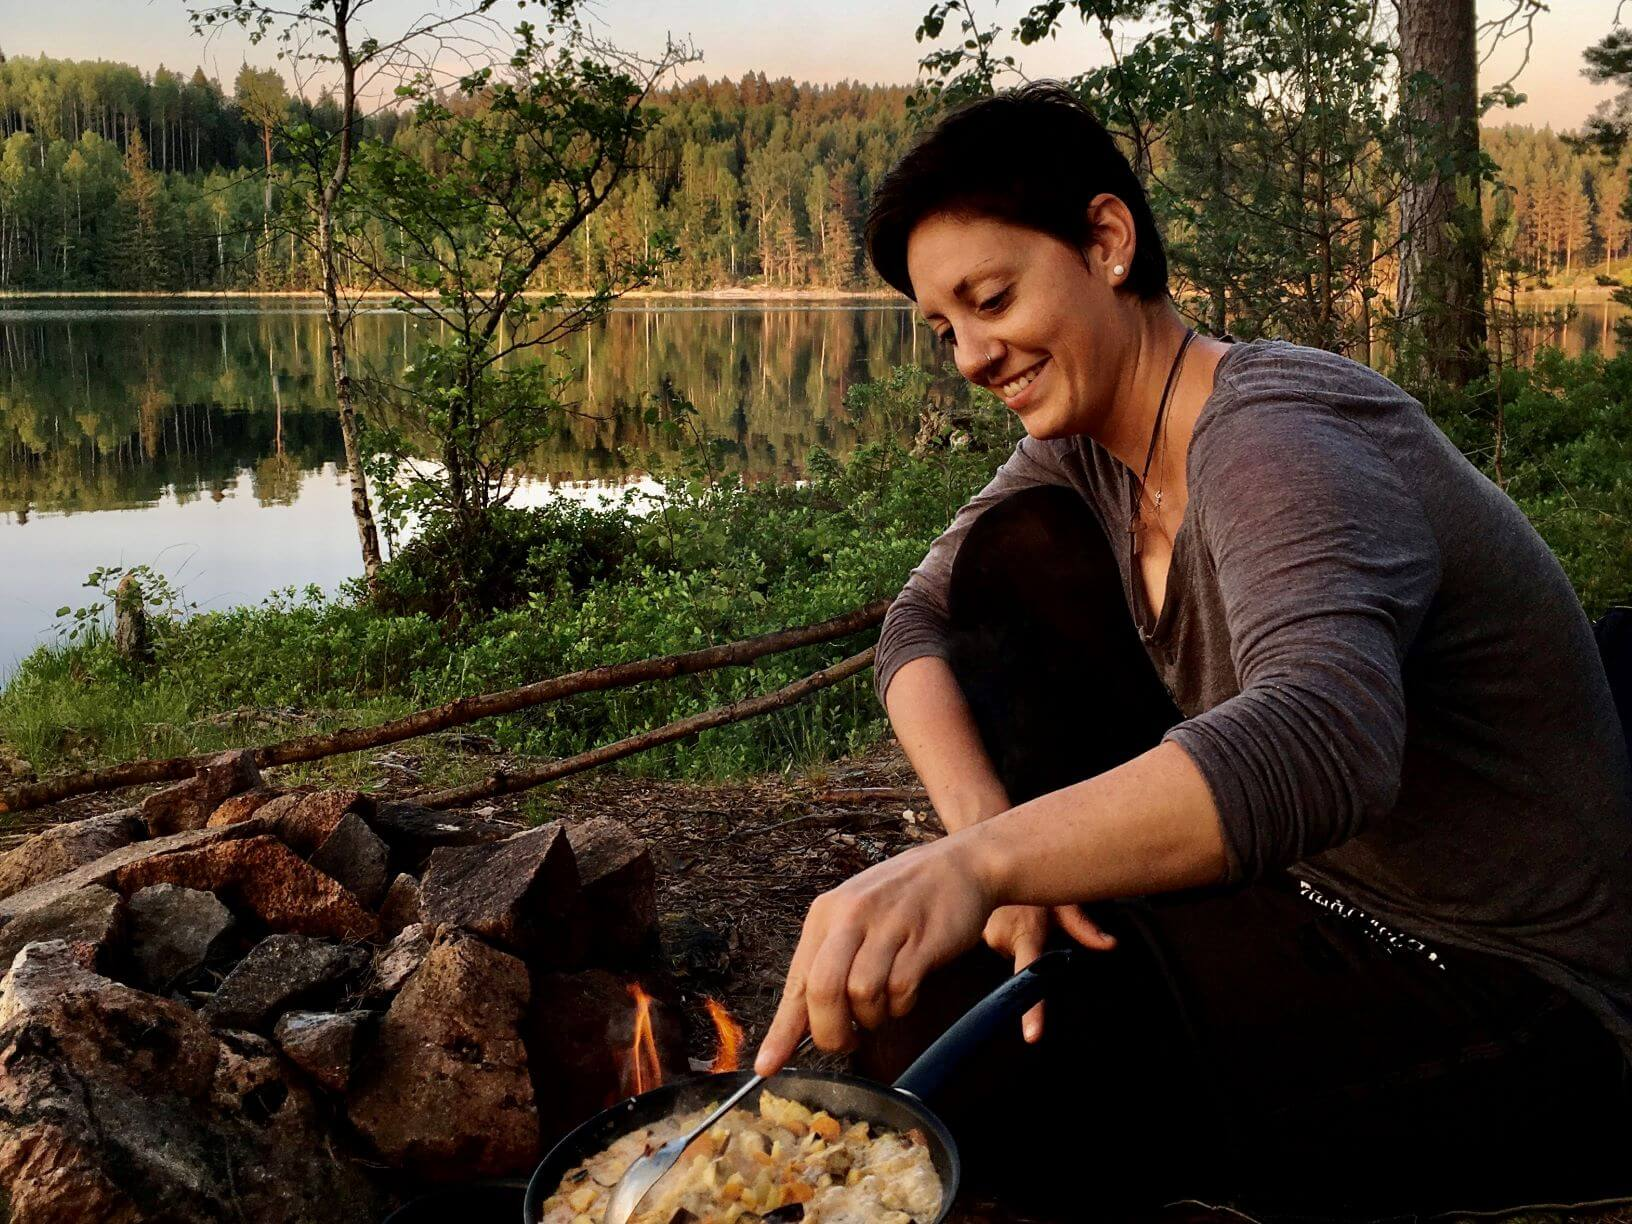 Outdoorguide Lea Wunderli beim Kochen am Lagerfeuer